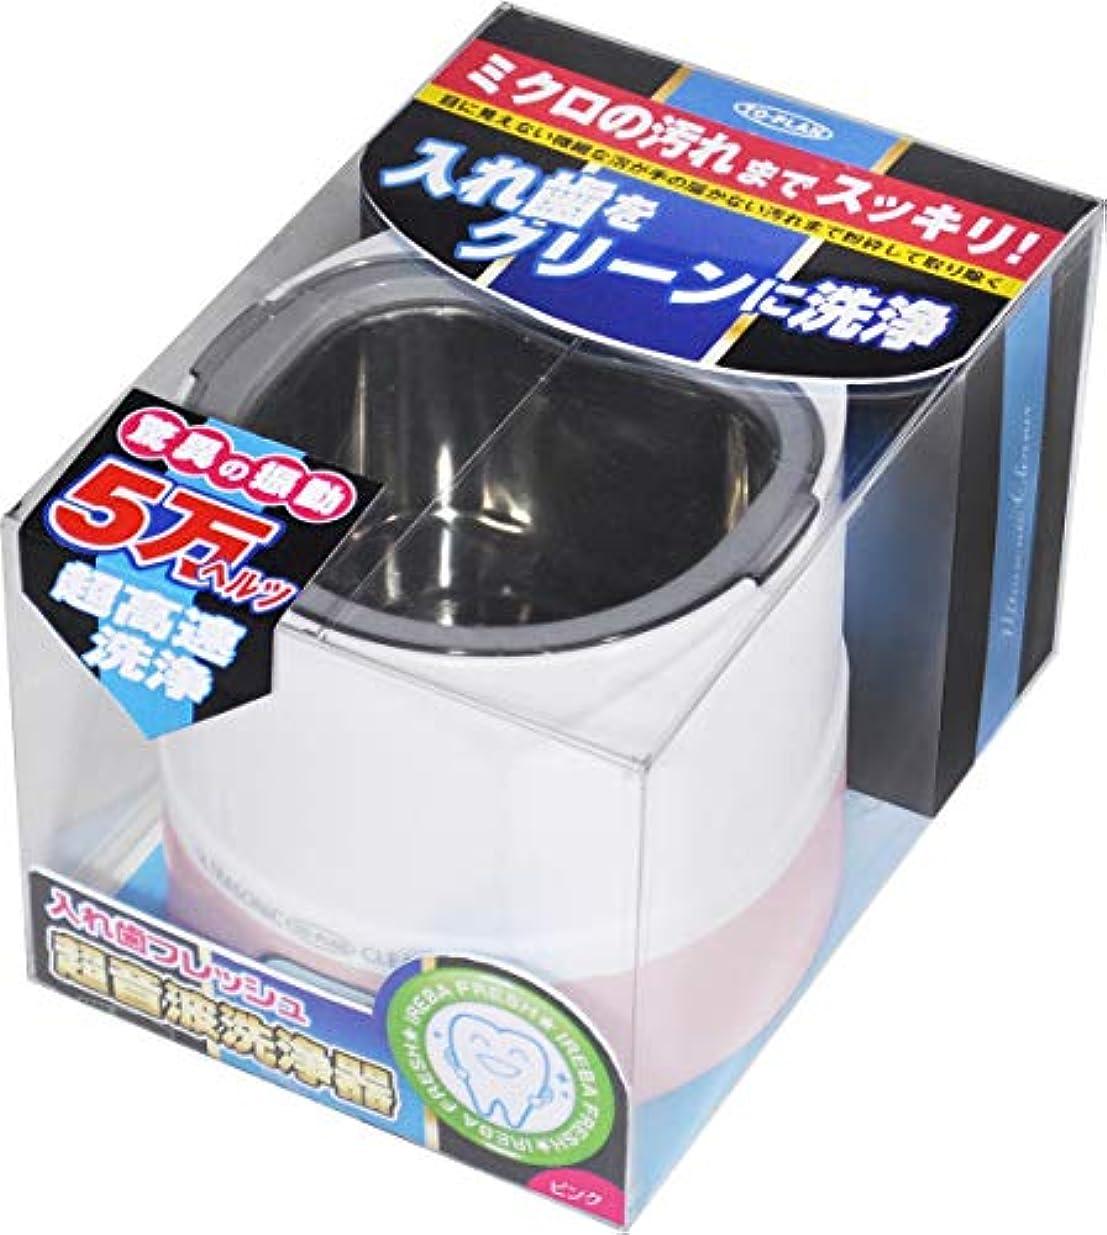 調整する遊び場前件TO-PLAN(トプラン) 超音波入れ歯洗浄器 TKSM-008(P)